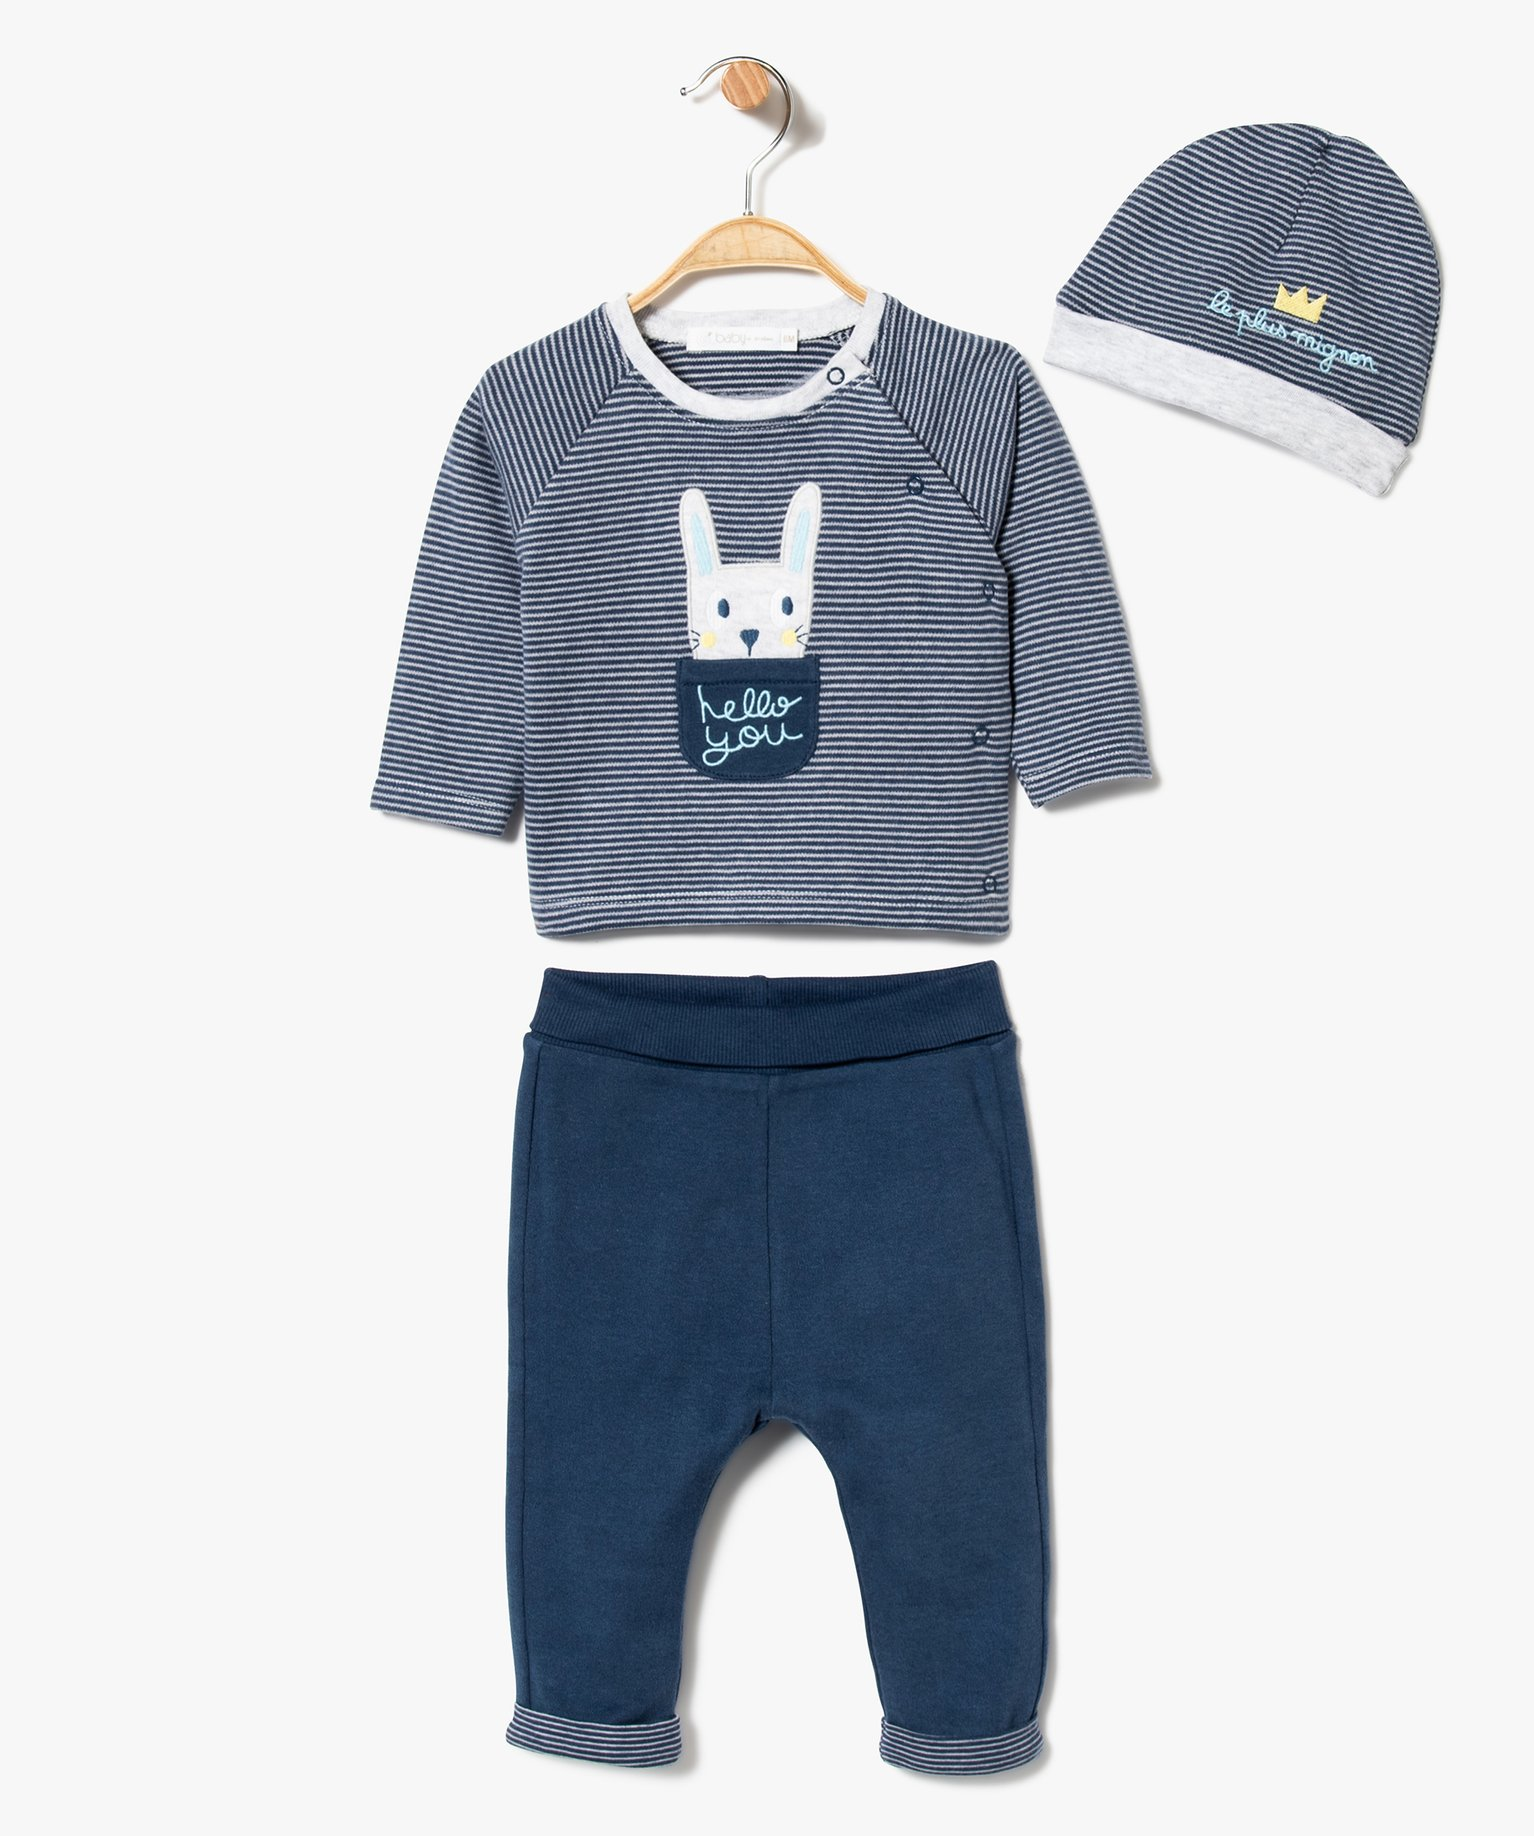 Ensemble 3 pièces : pantalon, sweat et bonnet